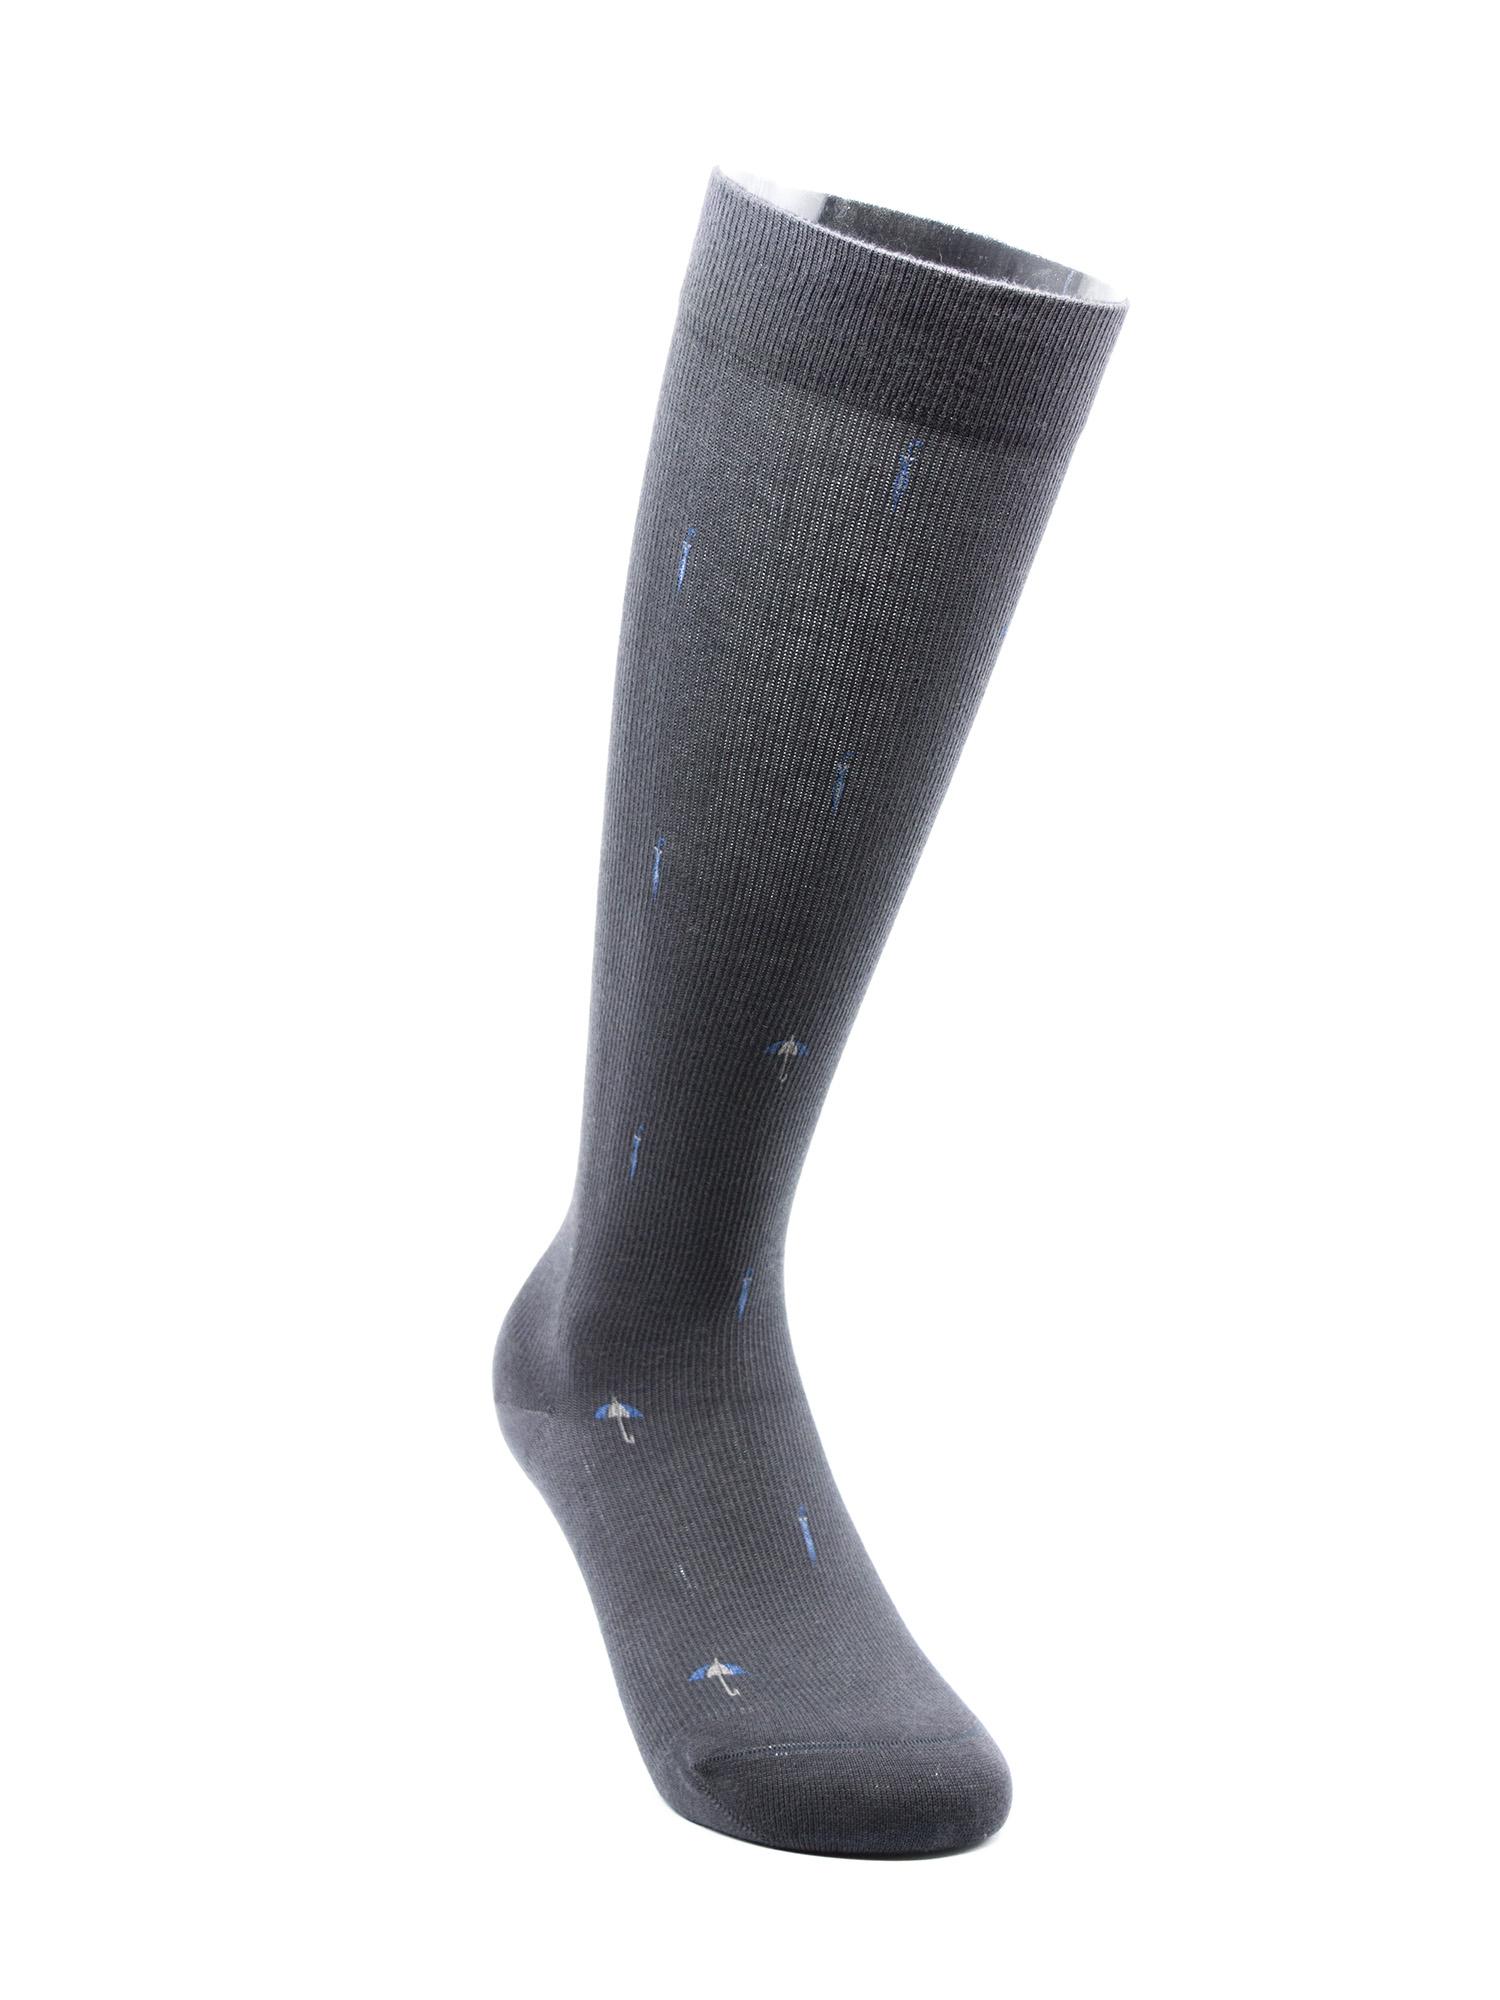 ombrello1